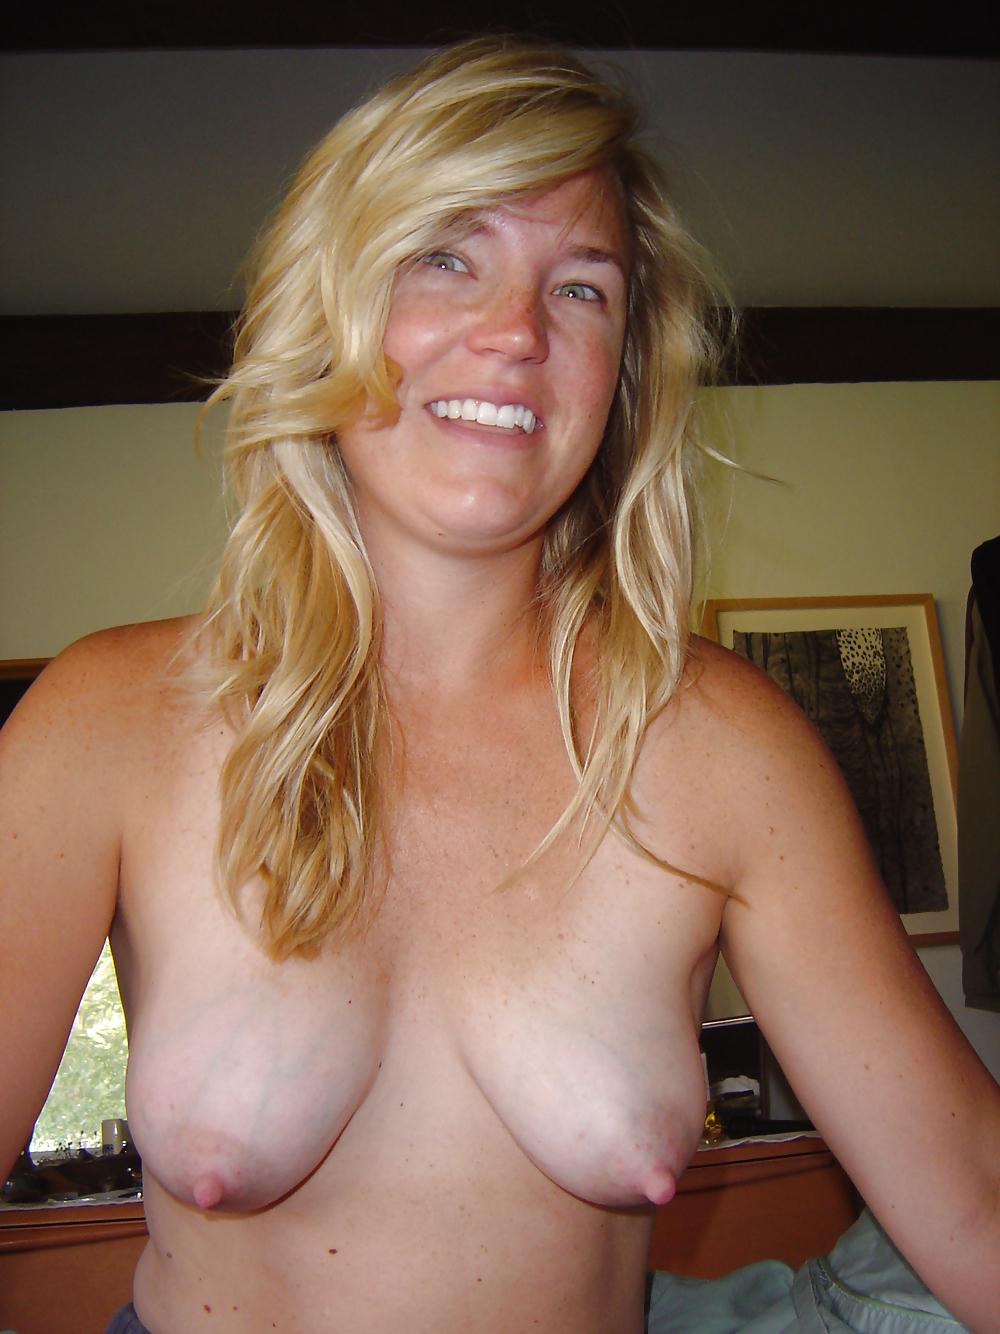 petite-schoolgirls-nashville-wife-nude